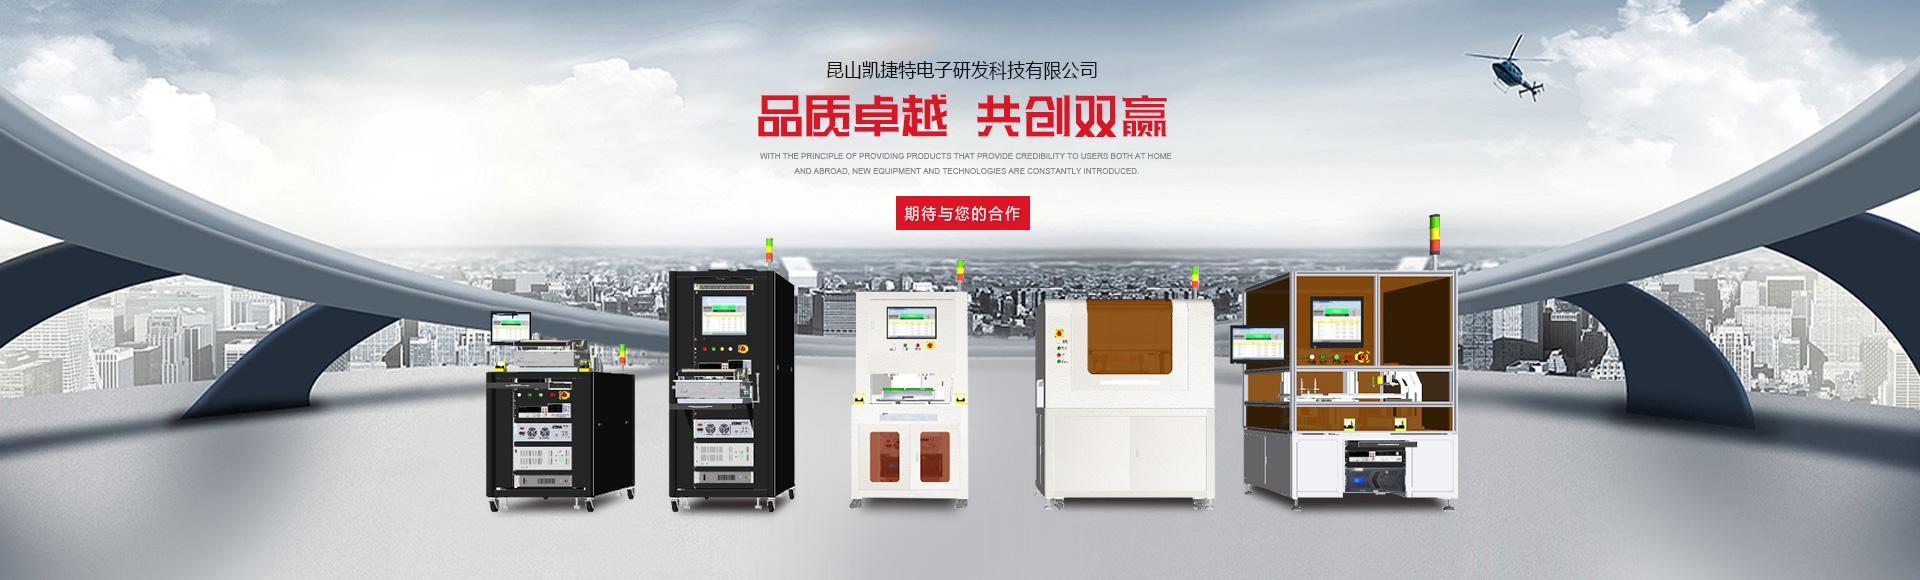 昆山凯捷特电子研发科技有限公司